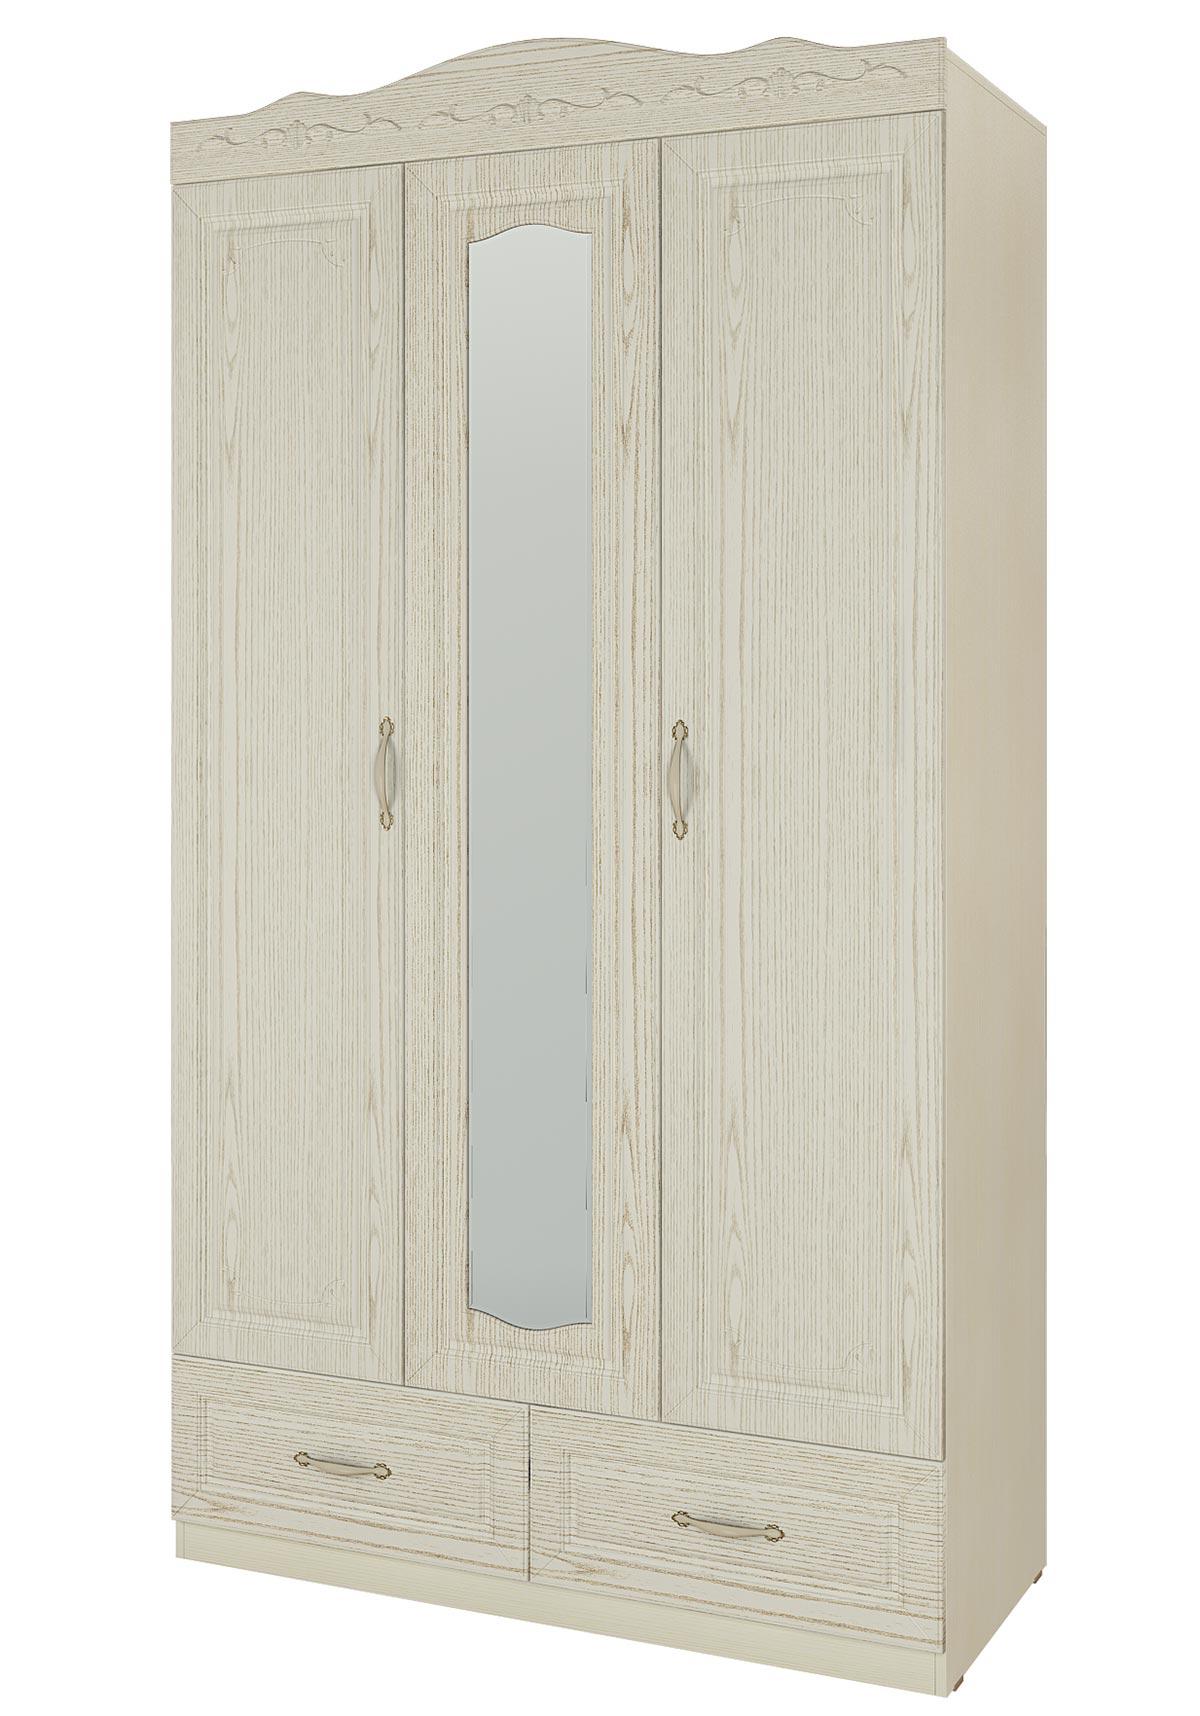 Шкаф 3 двери, 2 ящика Кентавр 2000 Герда, арт.11